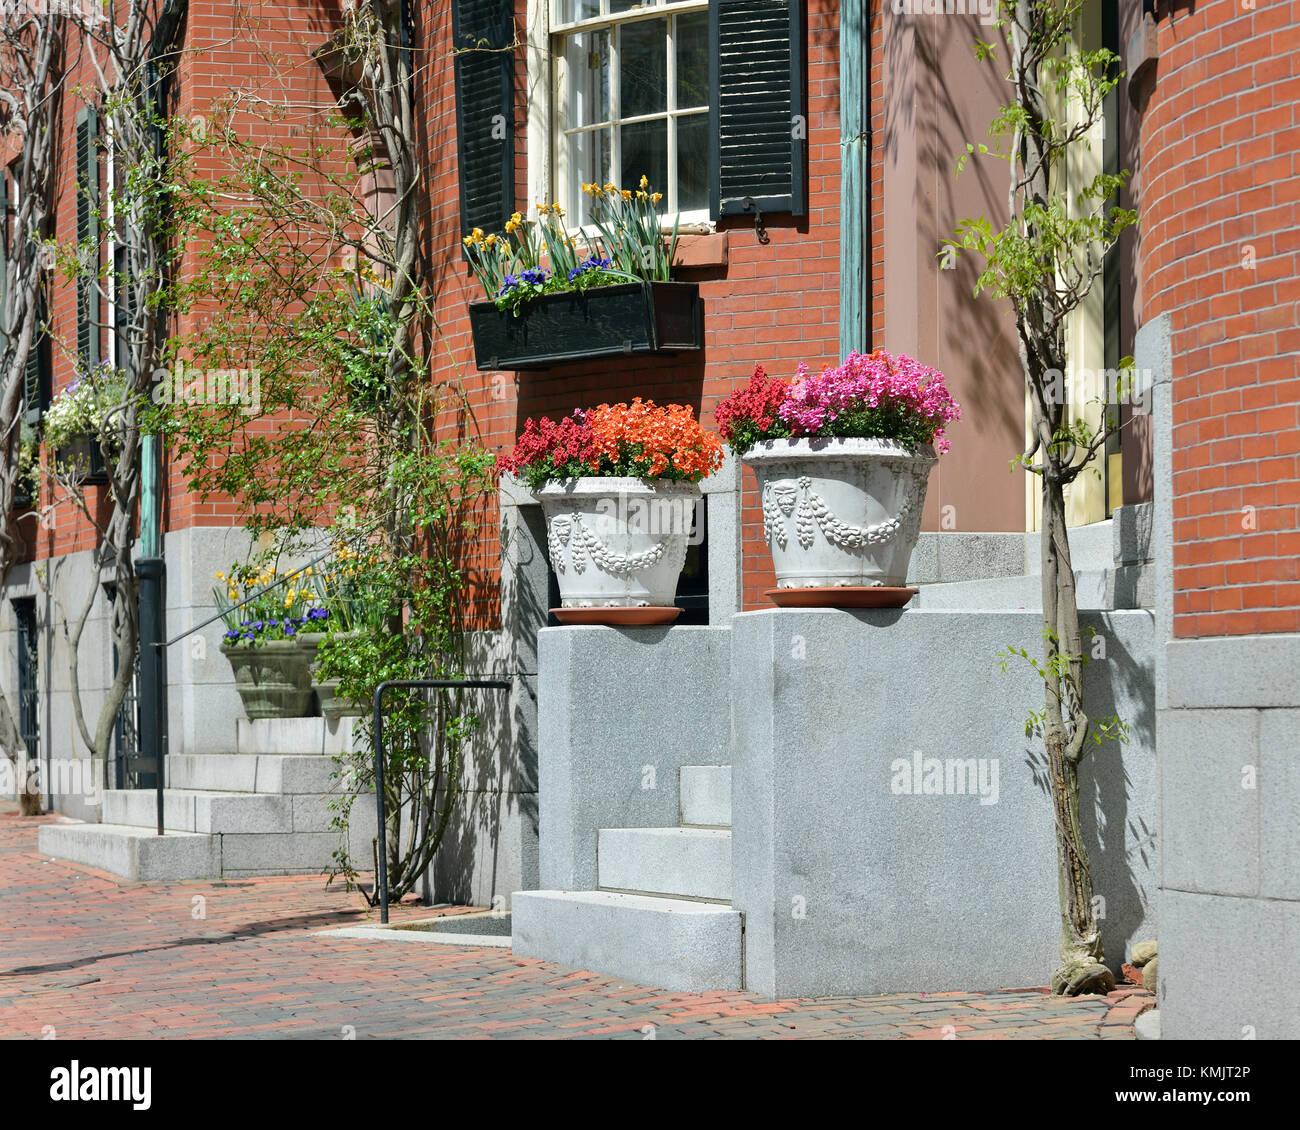 Front Door Planters Imágenes De Stock & Front Door Planters Fotos De ...